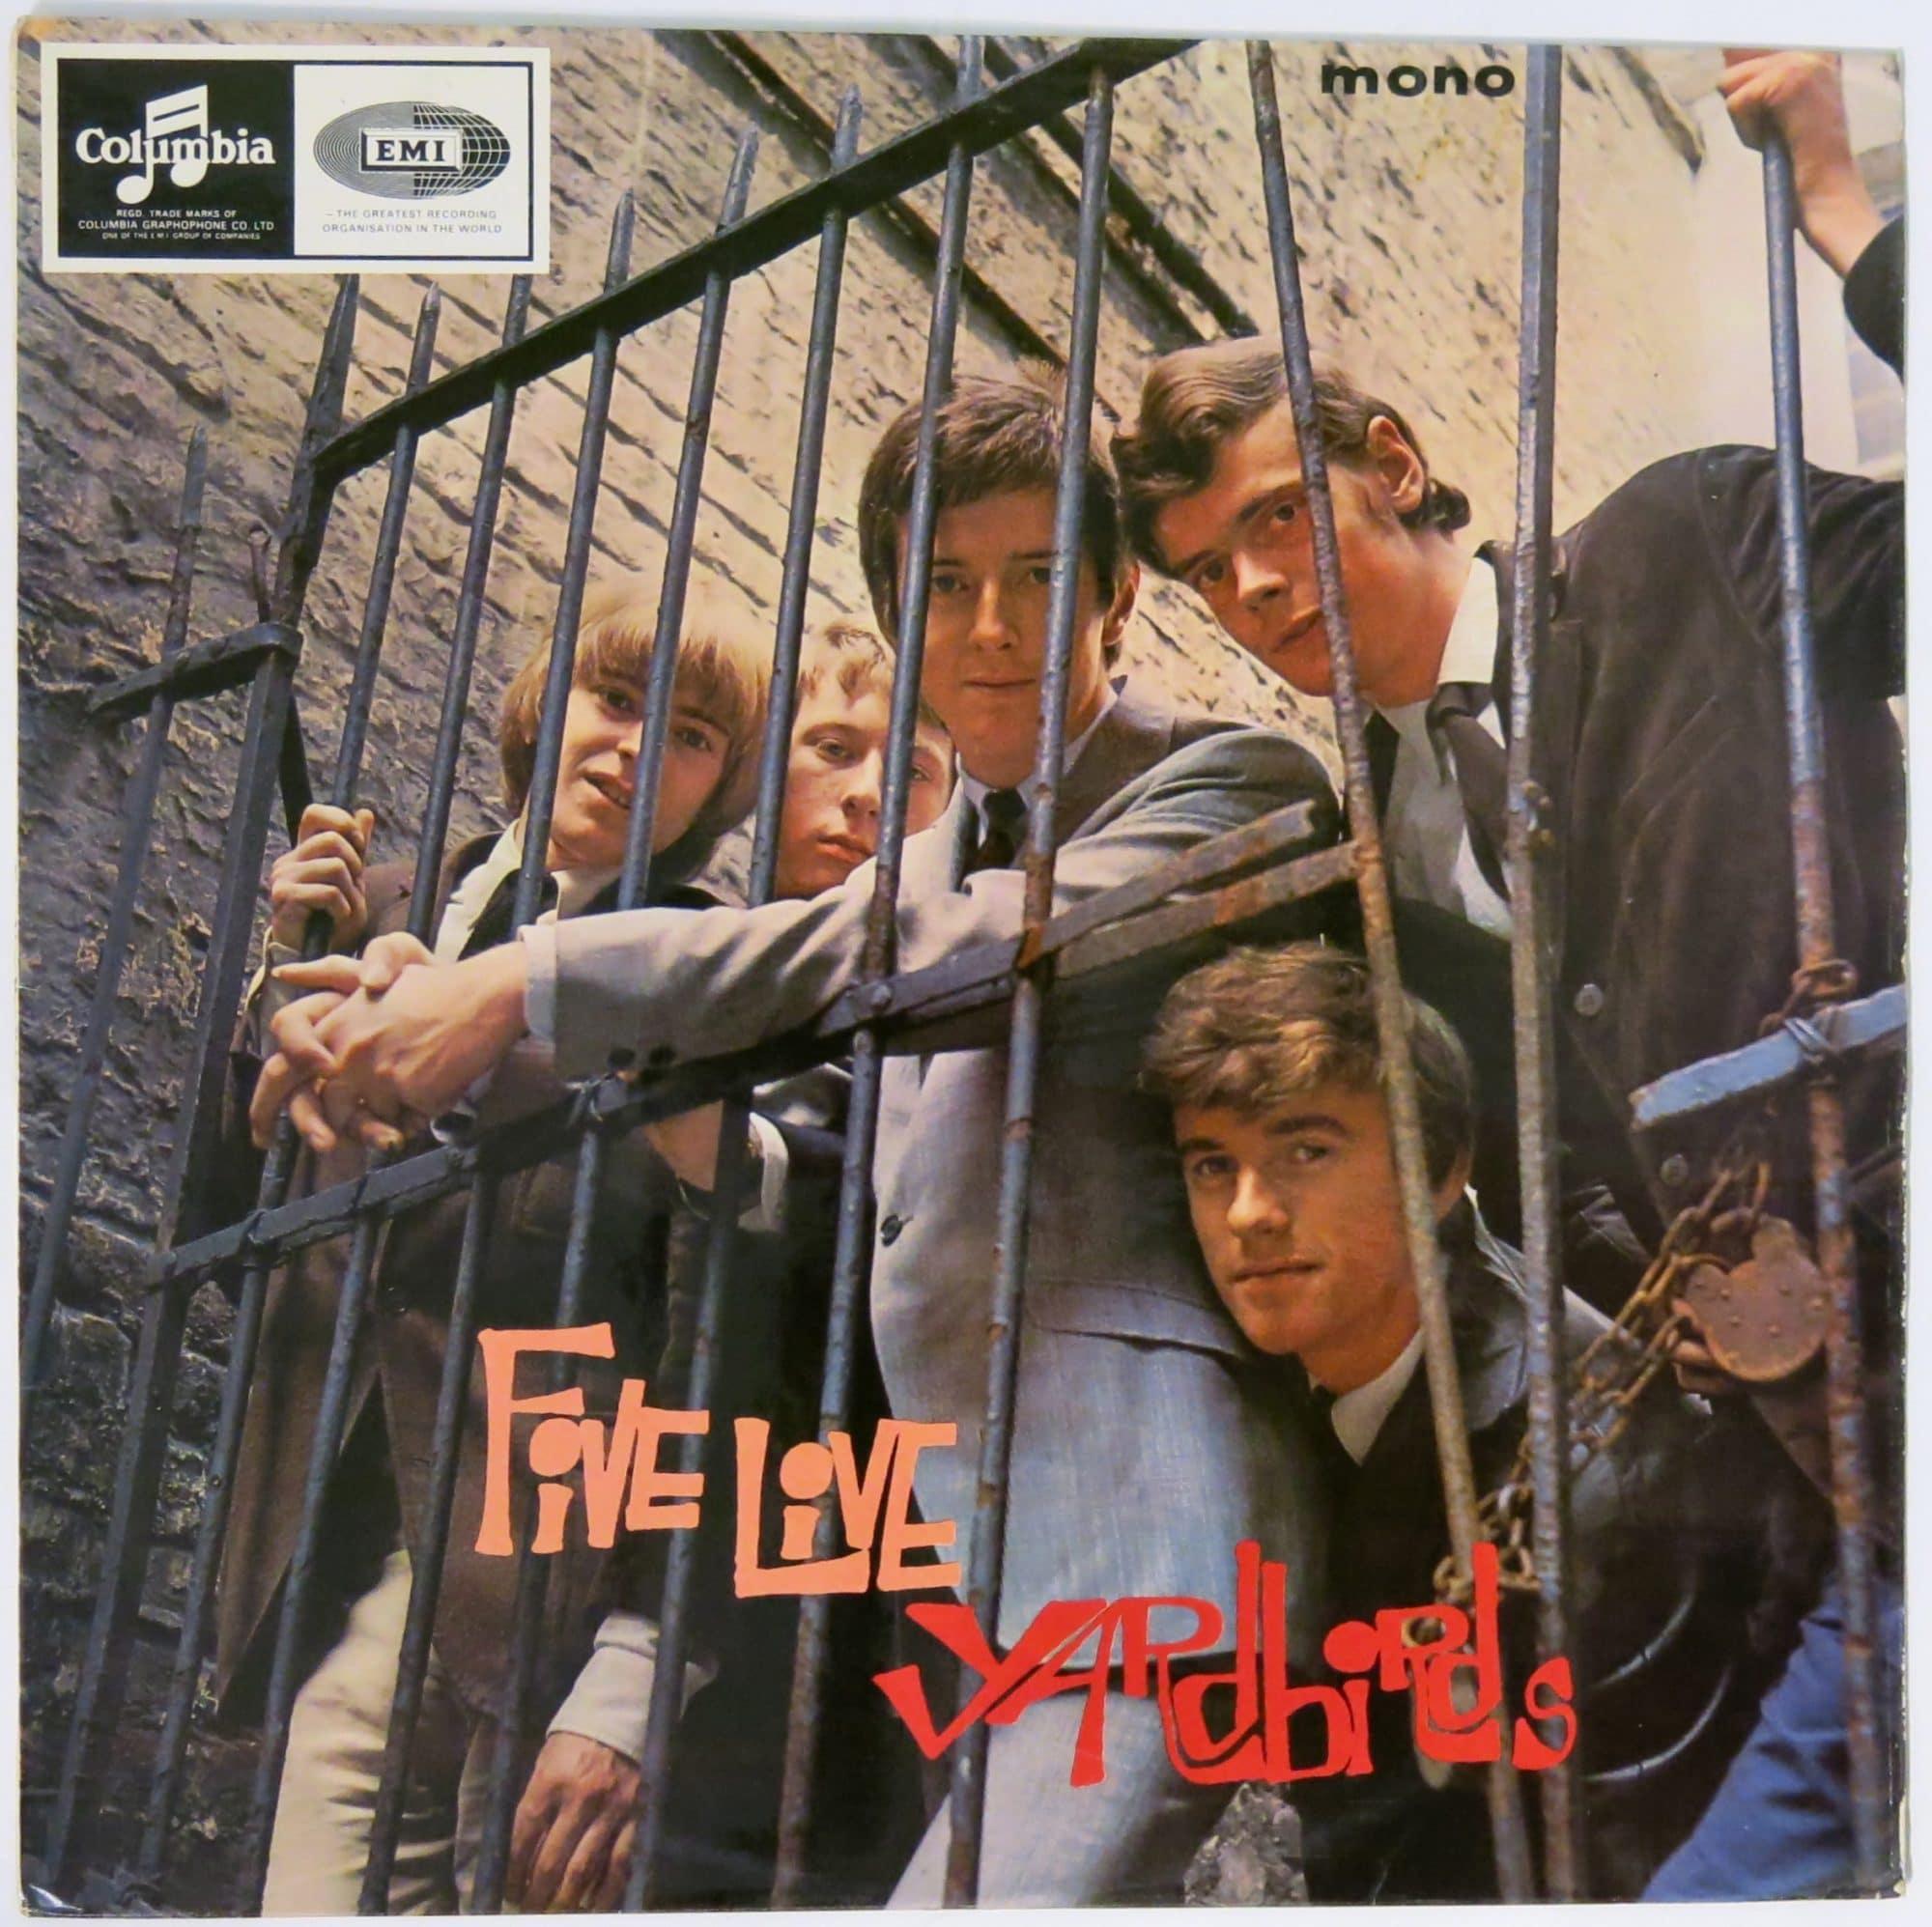 Yardbirds, The - Eric Clapton & The Yardbirds